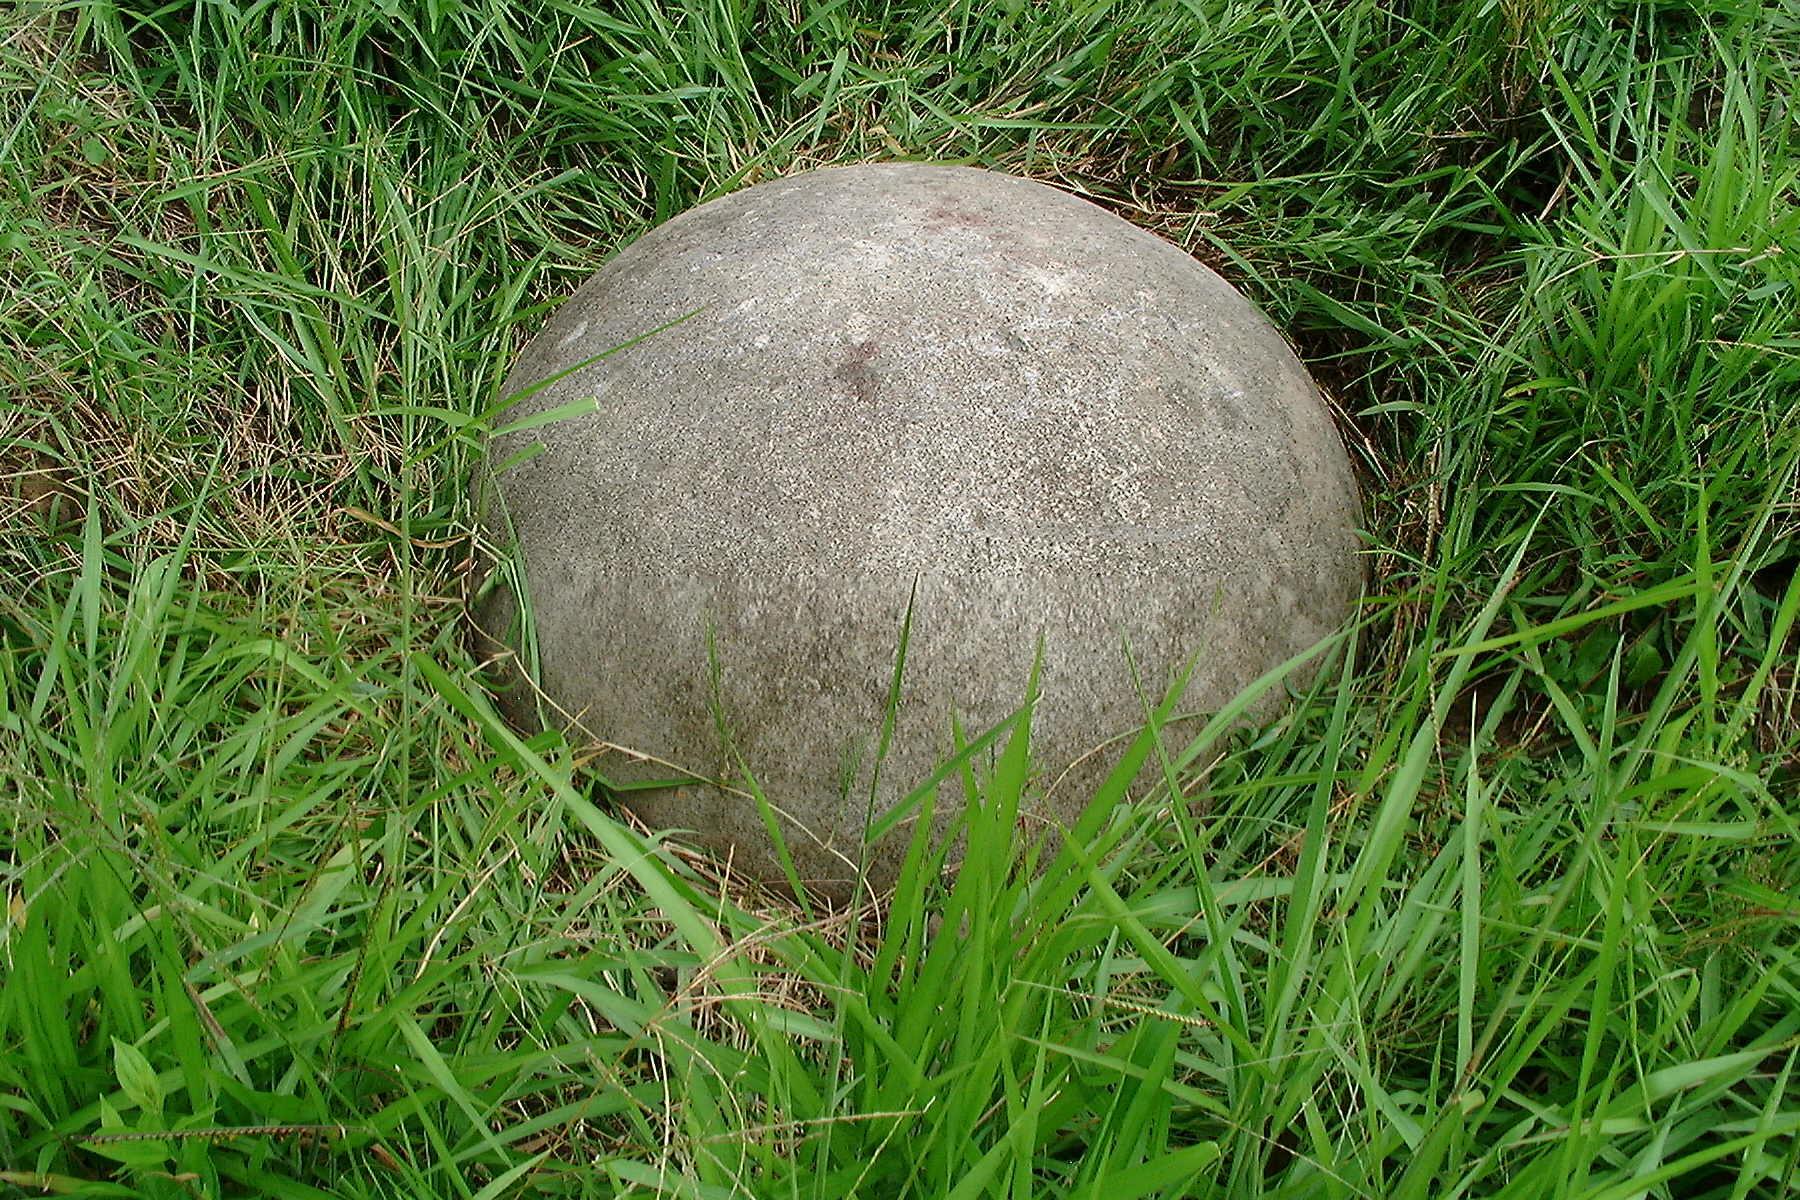 Esfera Pejibaye in situ